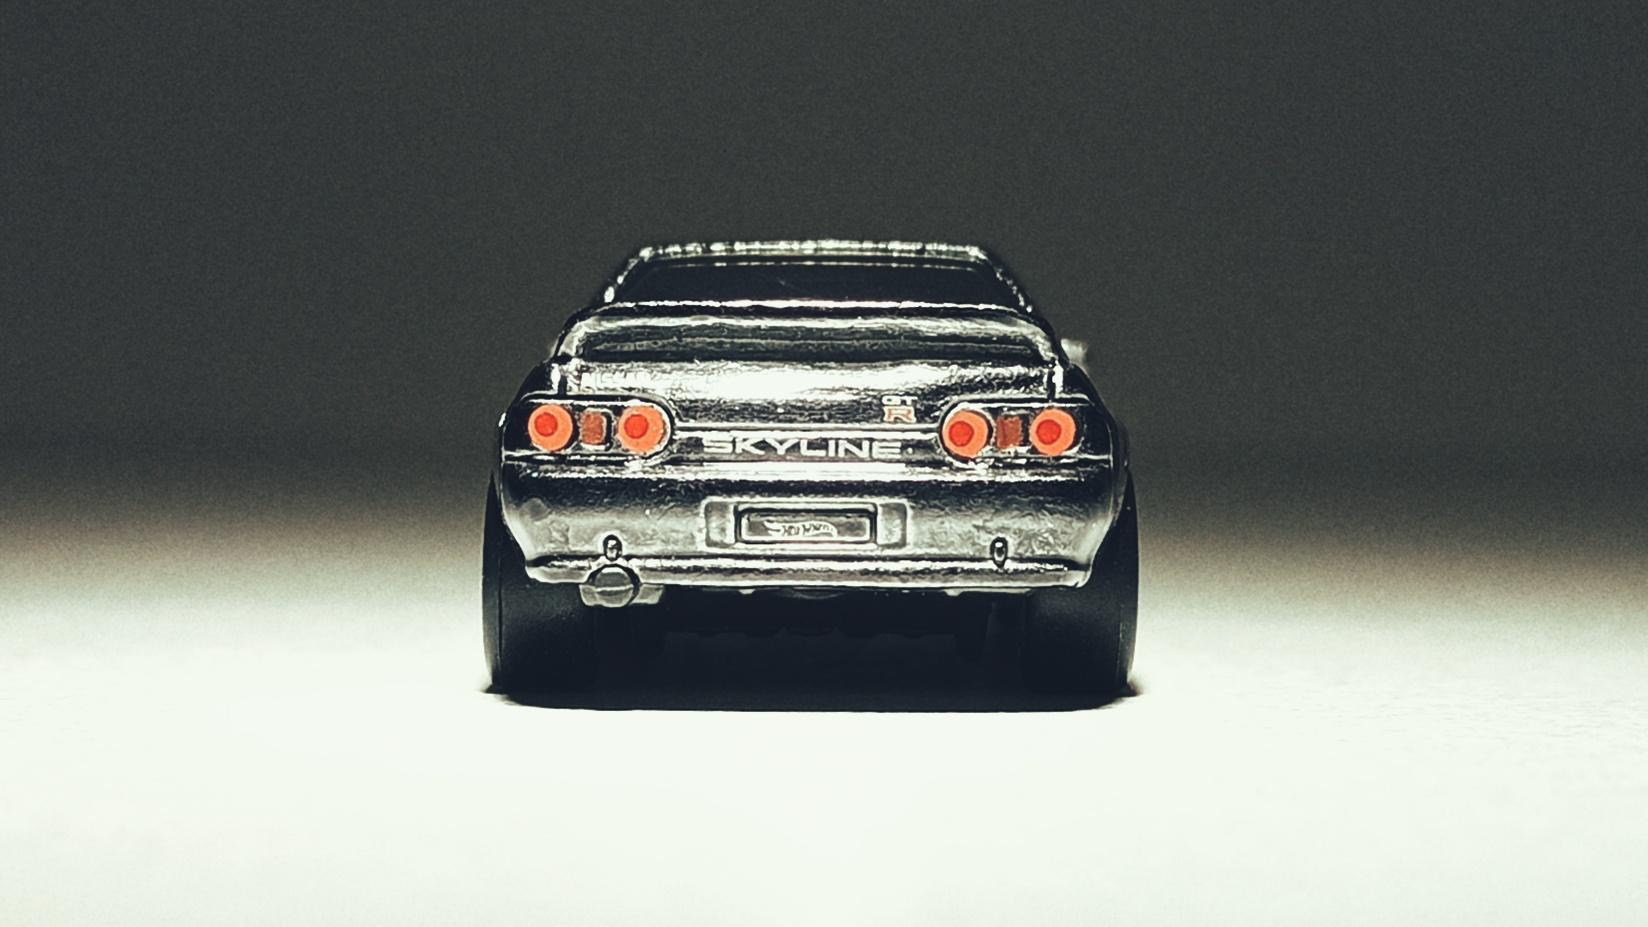 Hot Wheels Nissan Skyline GT-R (BNR32) (GHG23) 2020 (2/250) HW Turbo (5/5) spectraflame gunmetal grey Super Treasure Hunt (STH) back